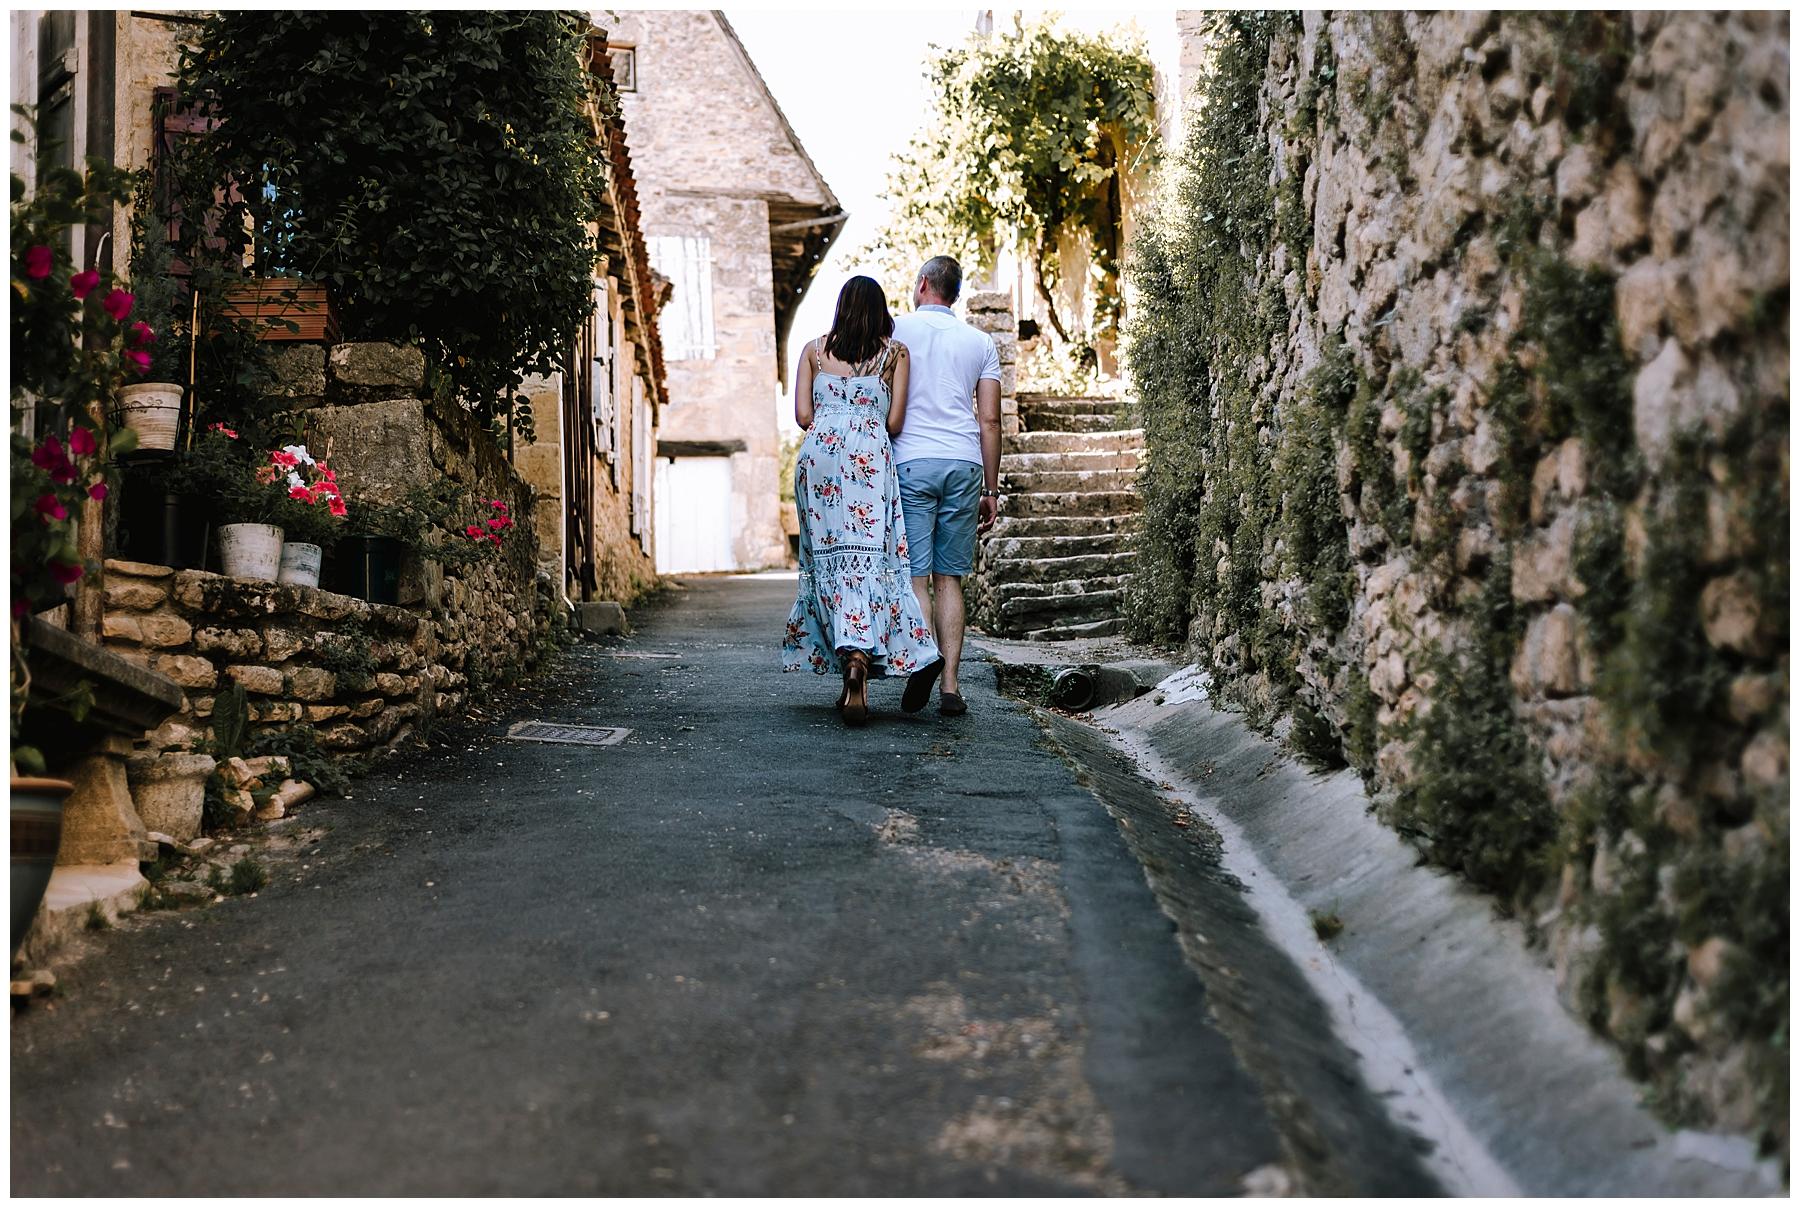 séance couple en gironde, photographe mariage gironde